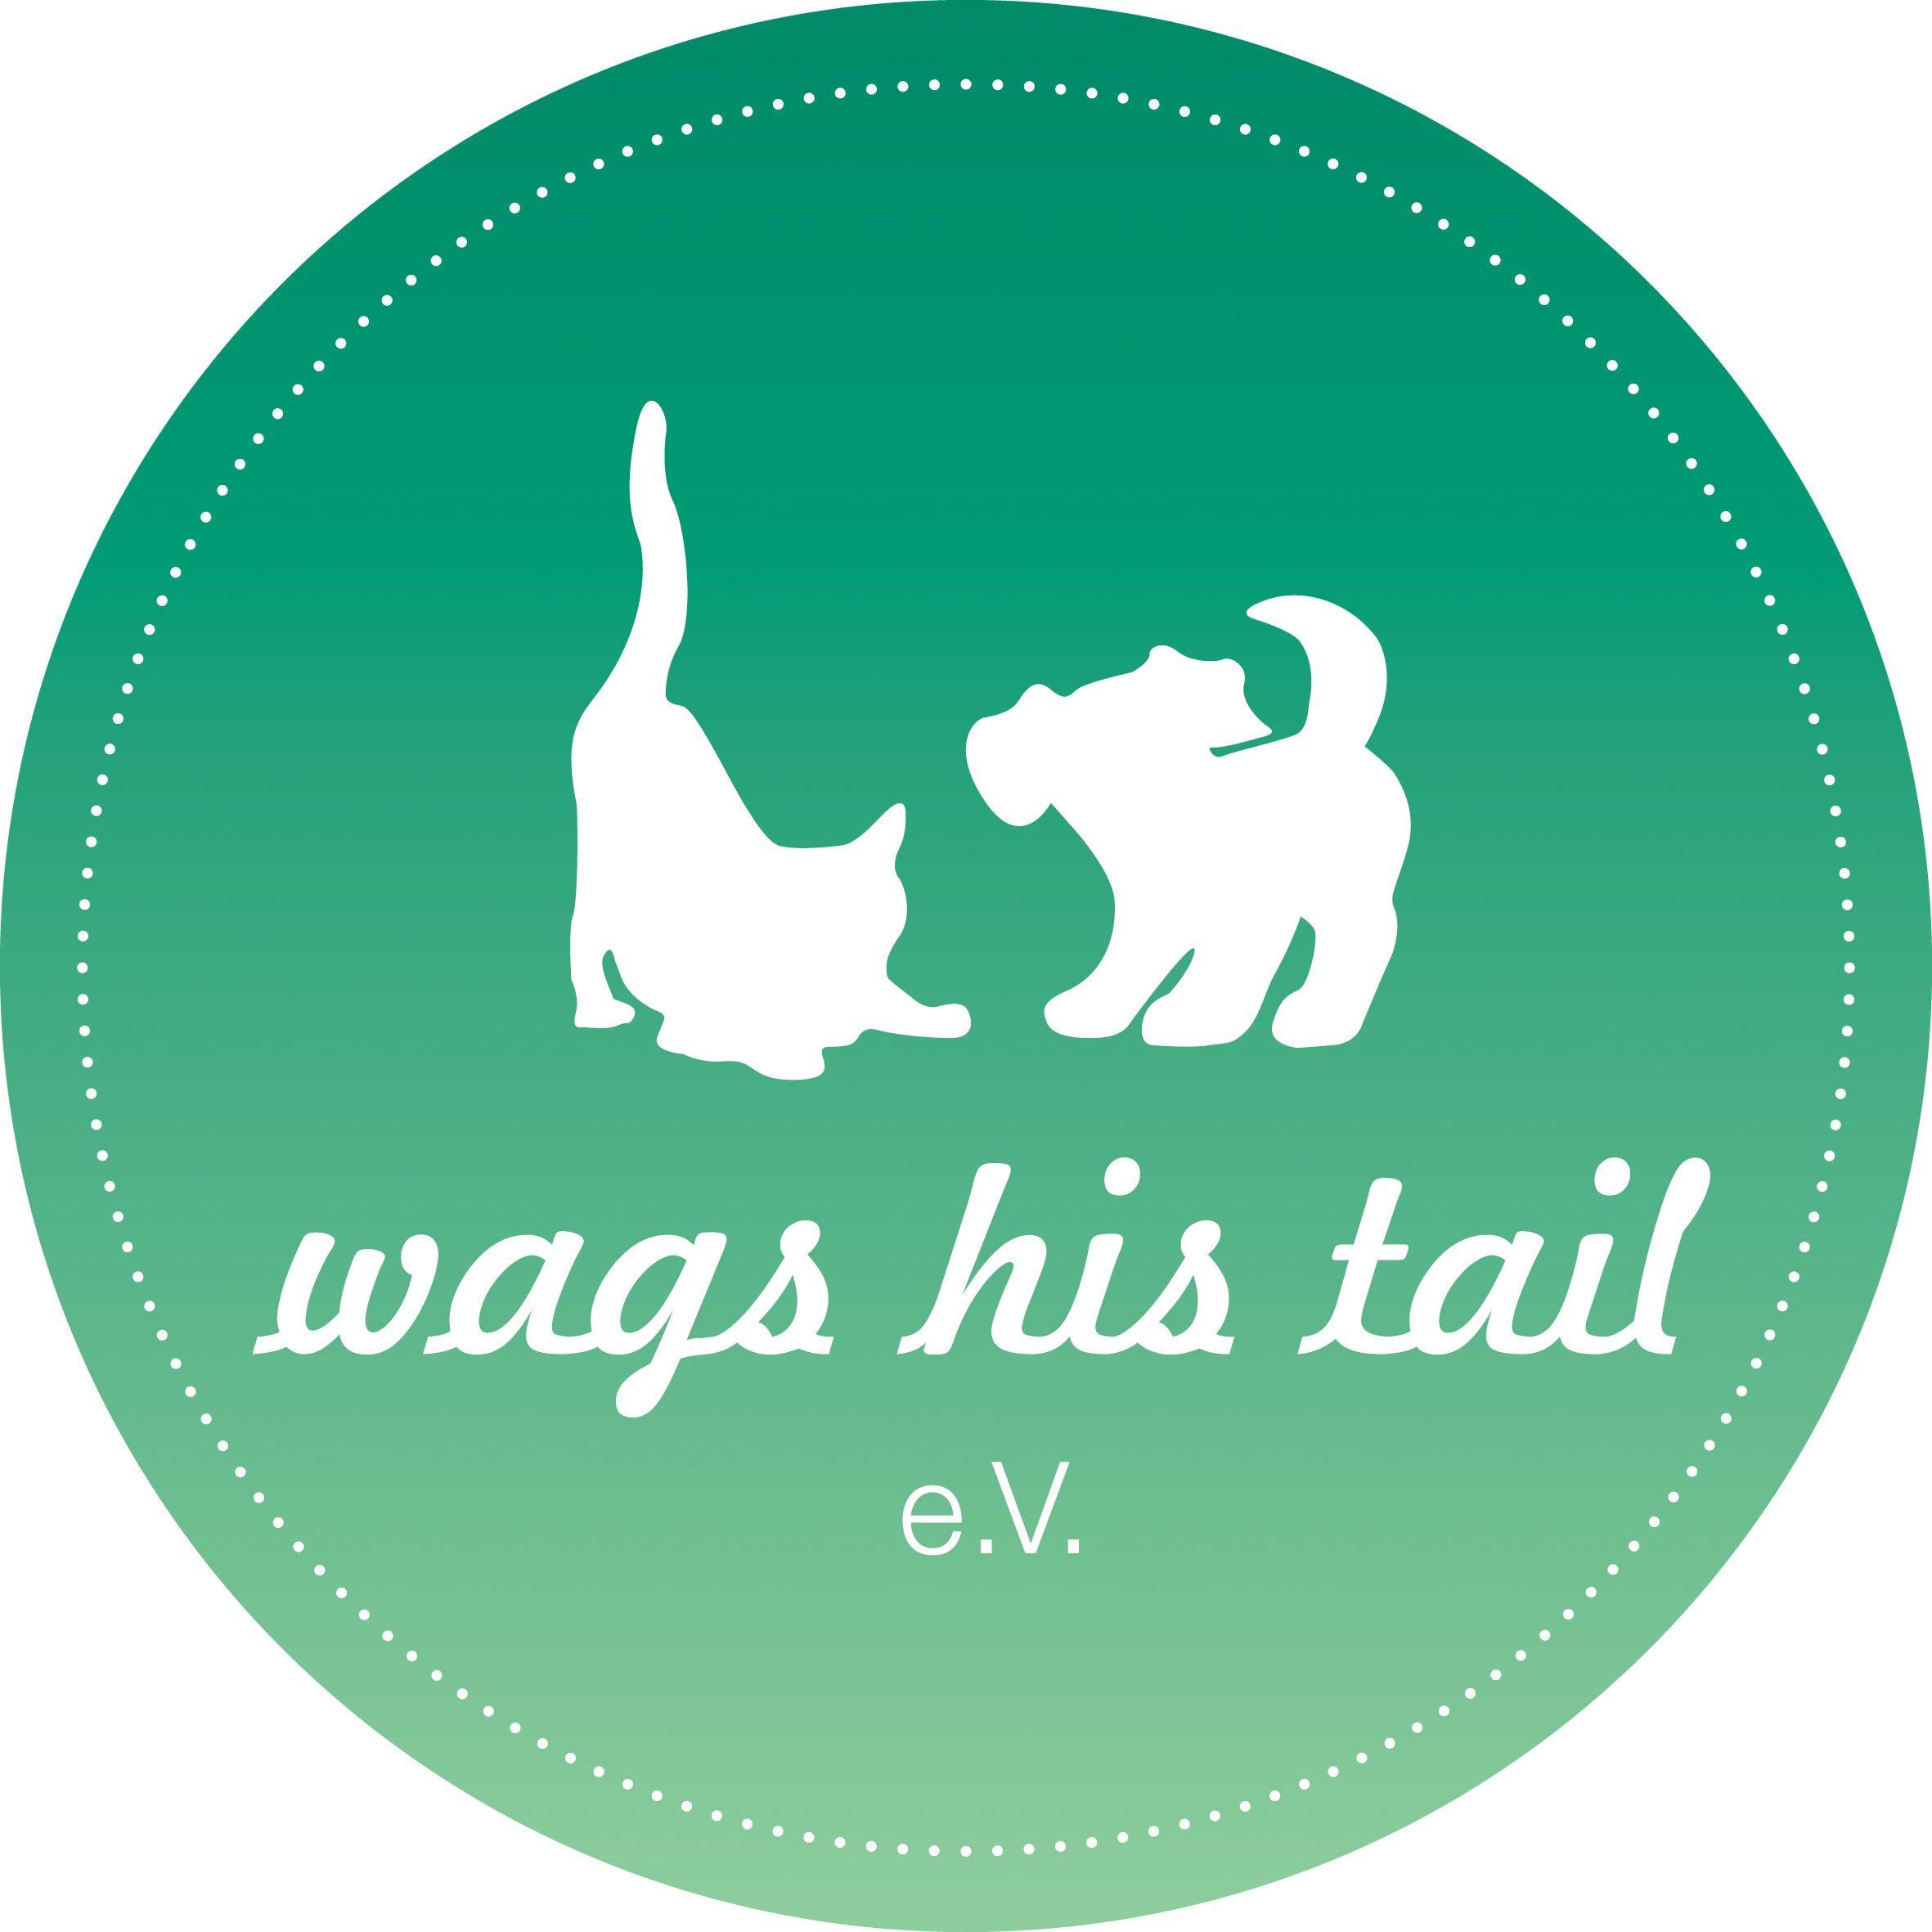 Logo_wagshistail_eV.jpg